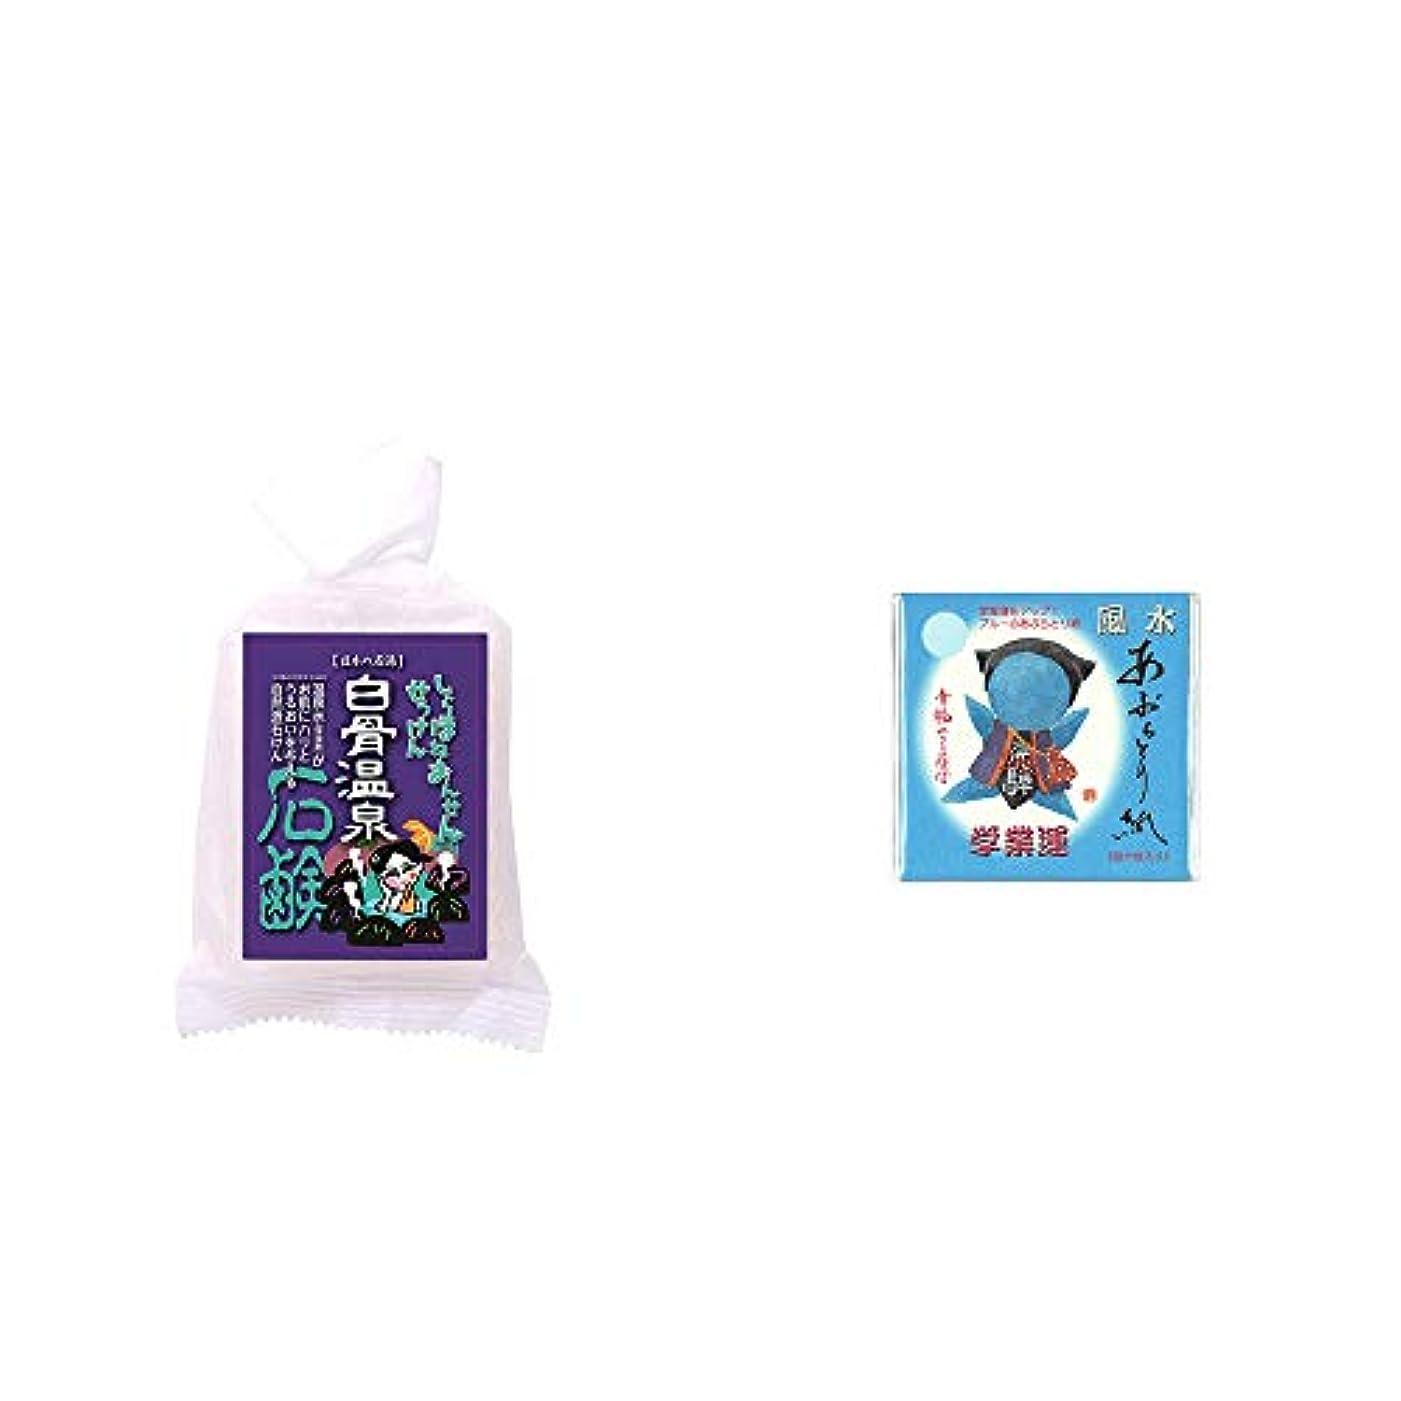 シェード偏見十代の若者たち[2点セット] 信州 白骨温泉石鹸(80g)?さるぼぼ 風水あぶらとり紙【ブルー】